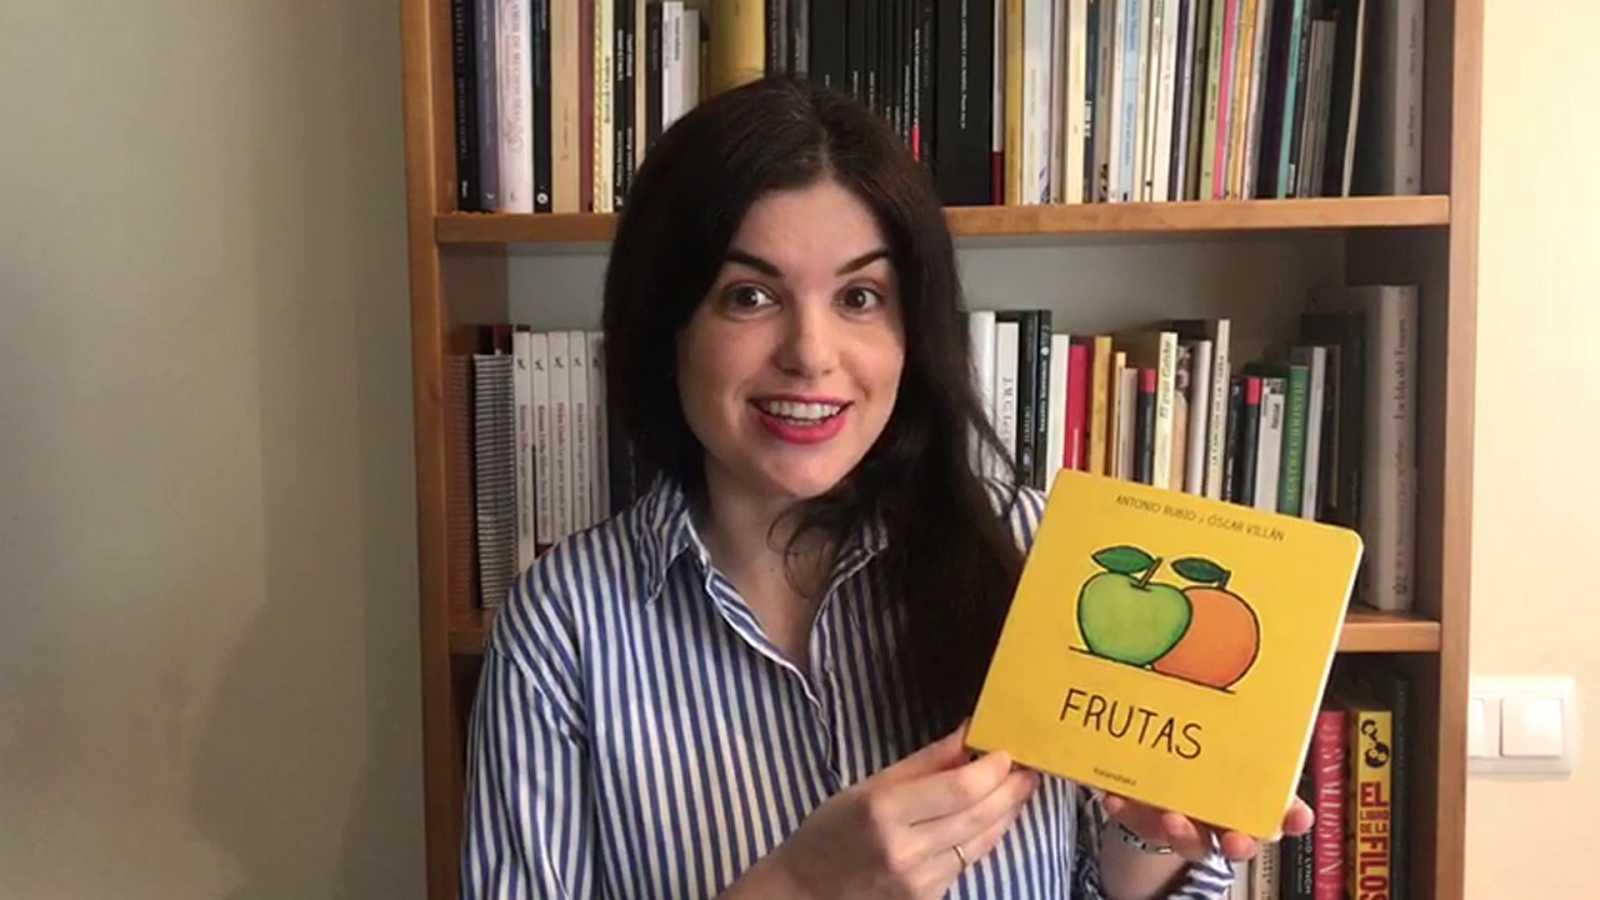 La estación azul de los niños - Día del Libro: las recomendaciones de Cristina Hermoso de Mendoza - Ver ahora